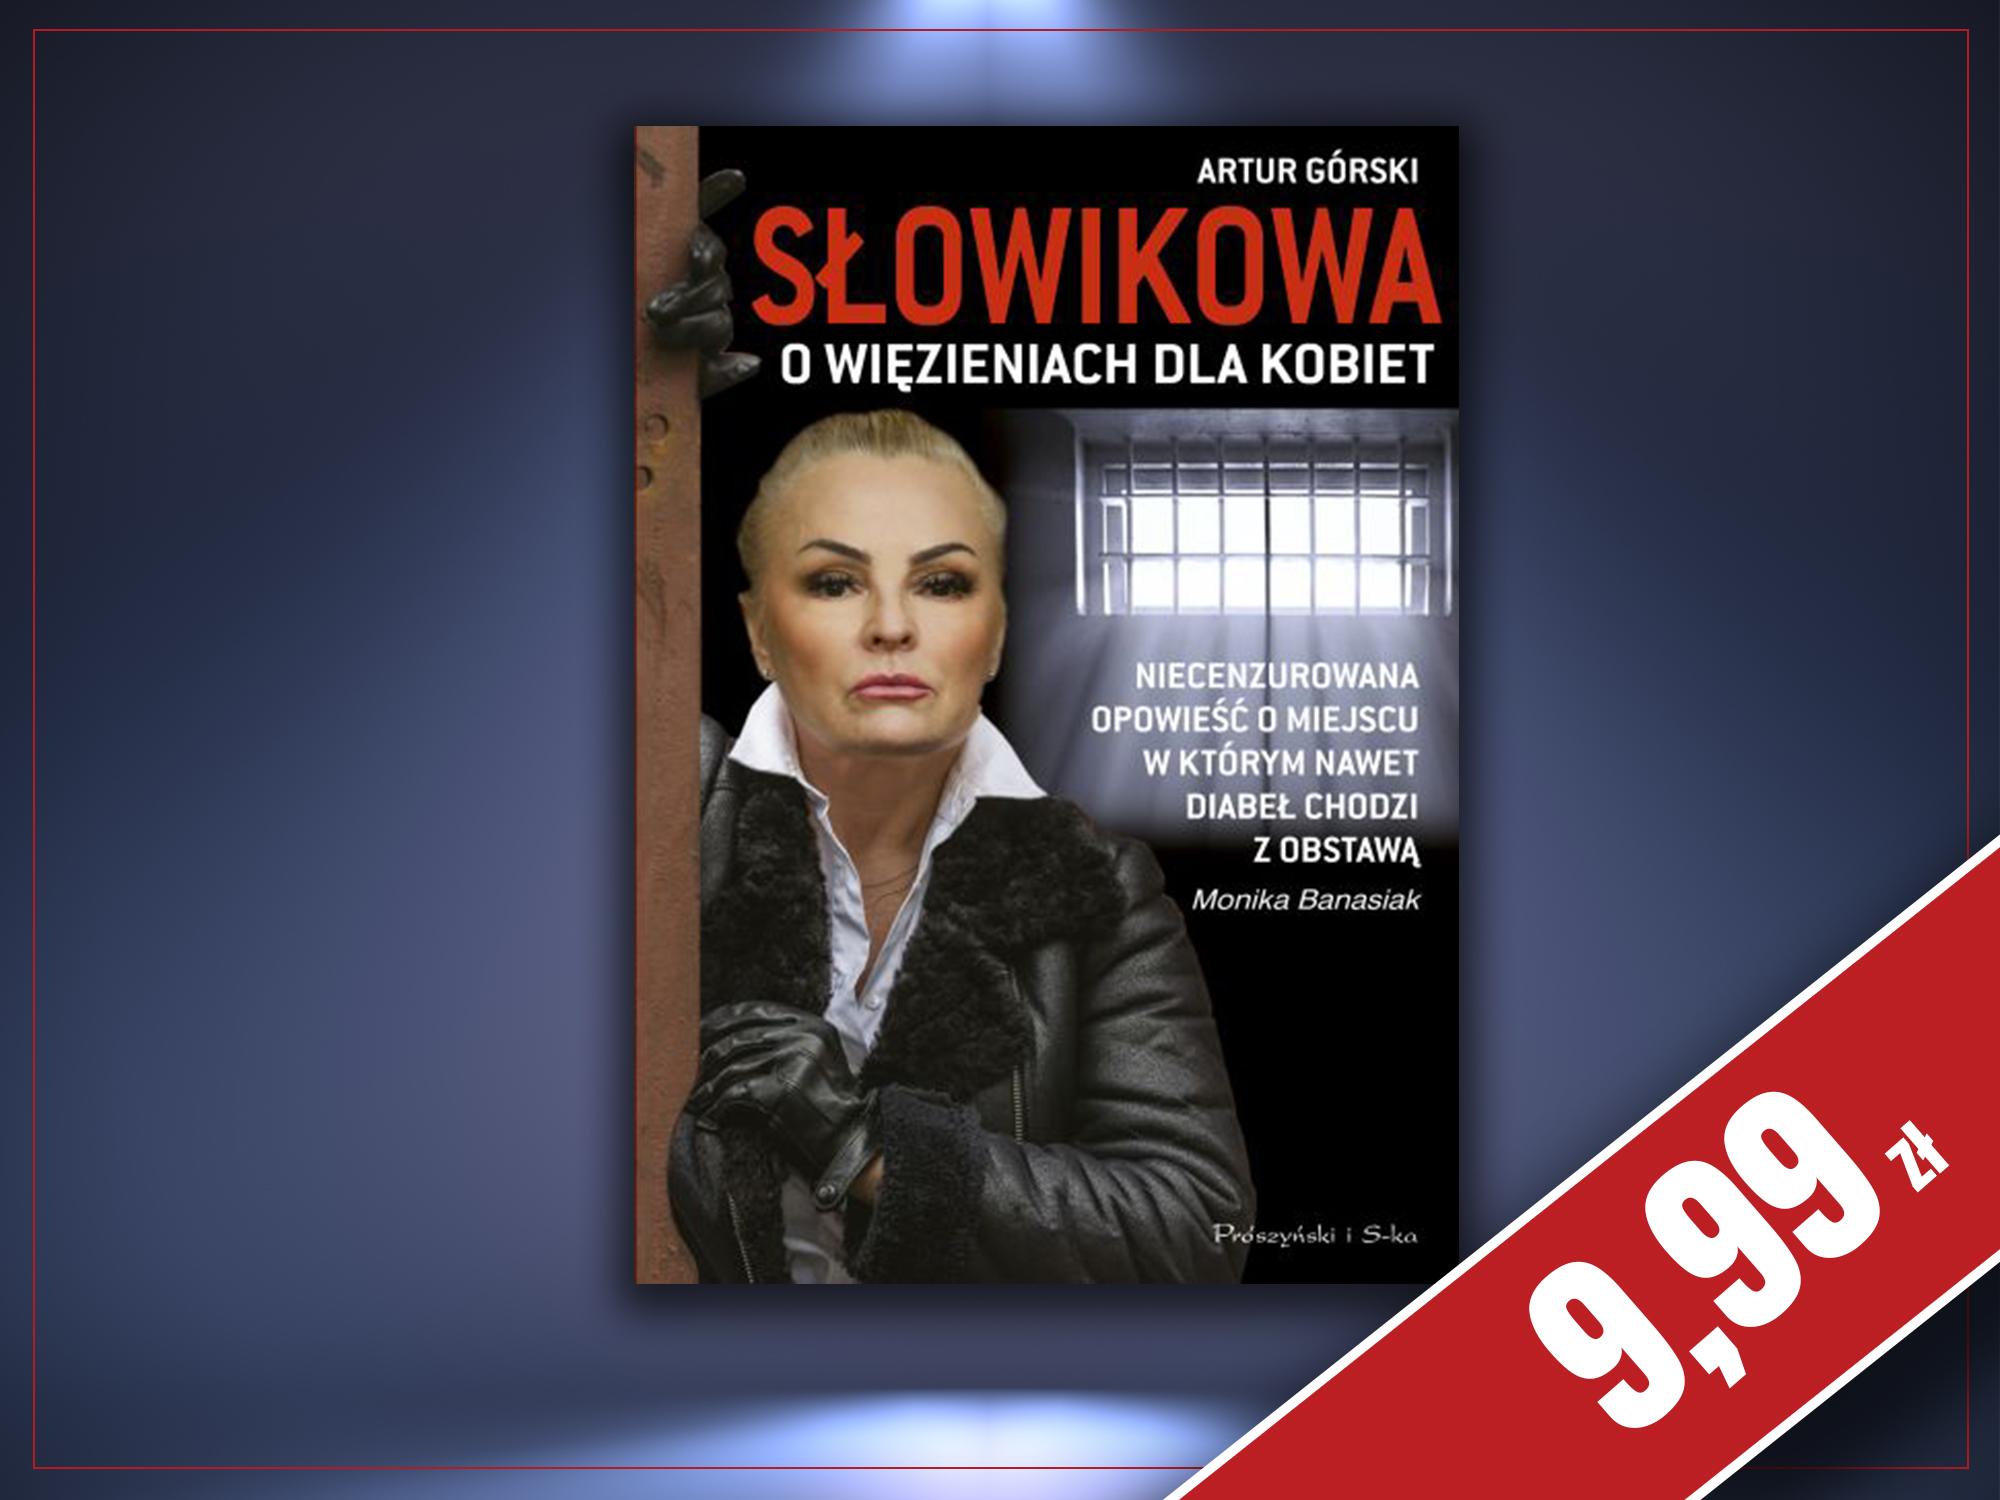 Słowikowa o więzieniach dla kobiet, Monika Banasiak, Artur Górski